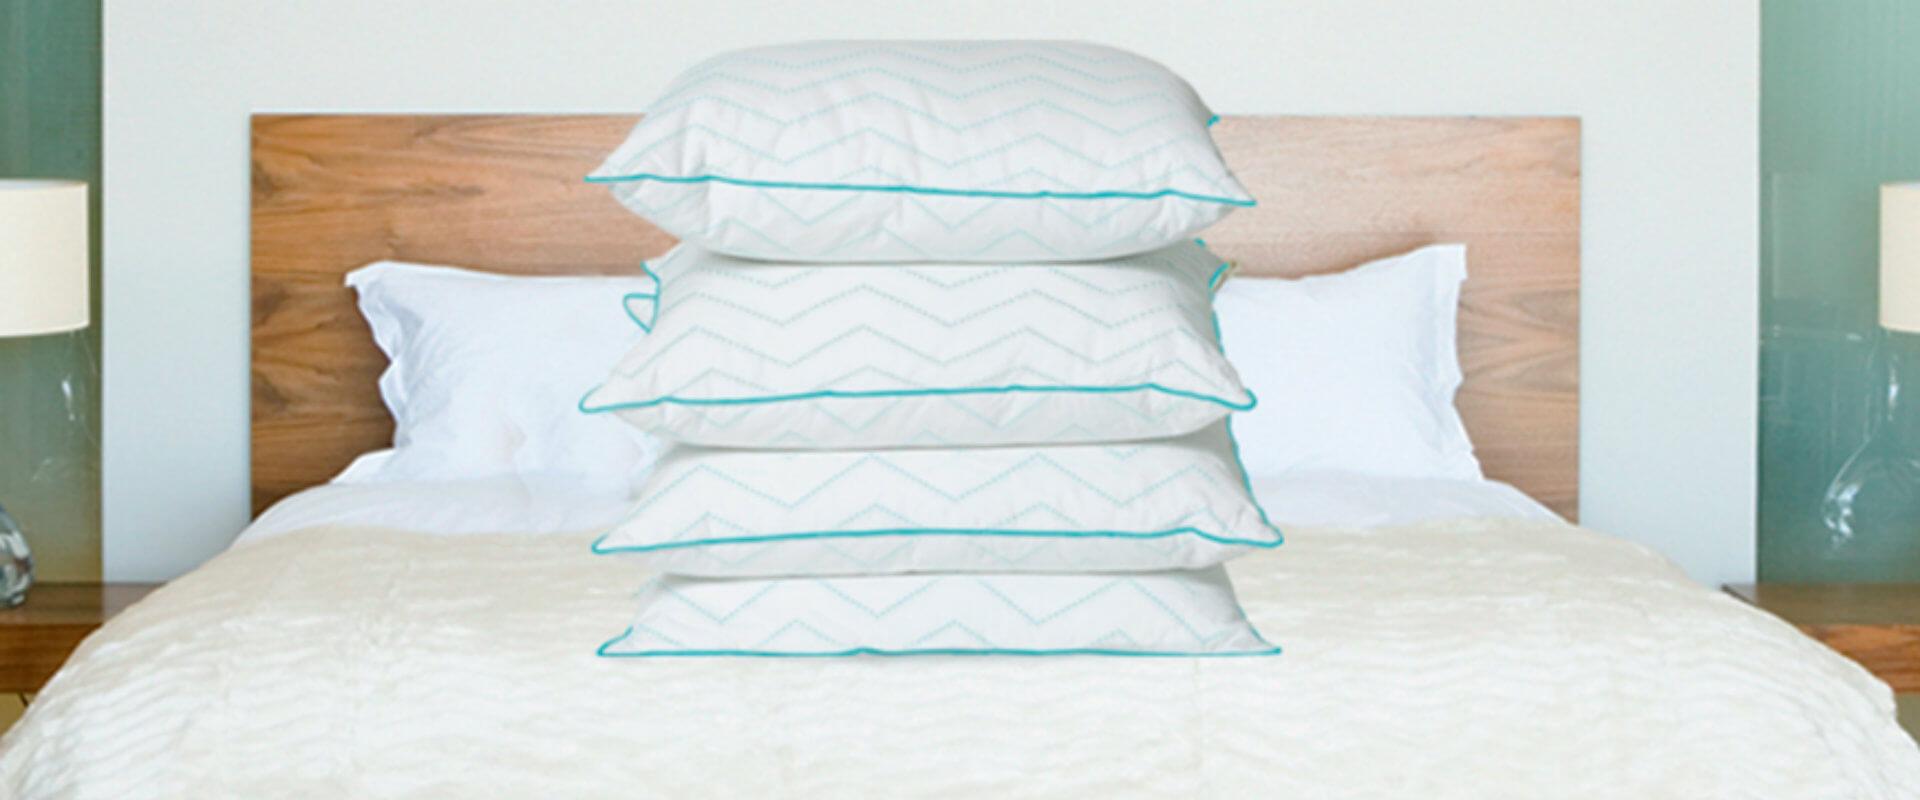 almohada-sognare-cama